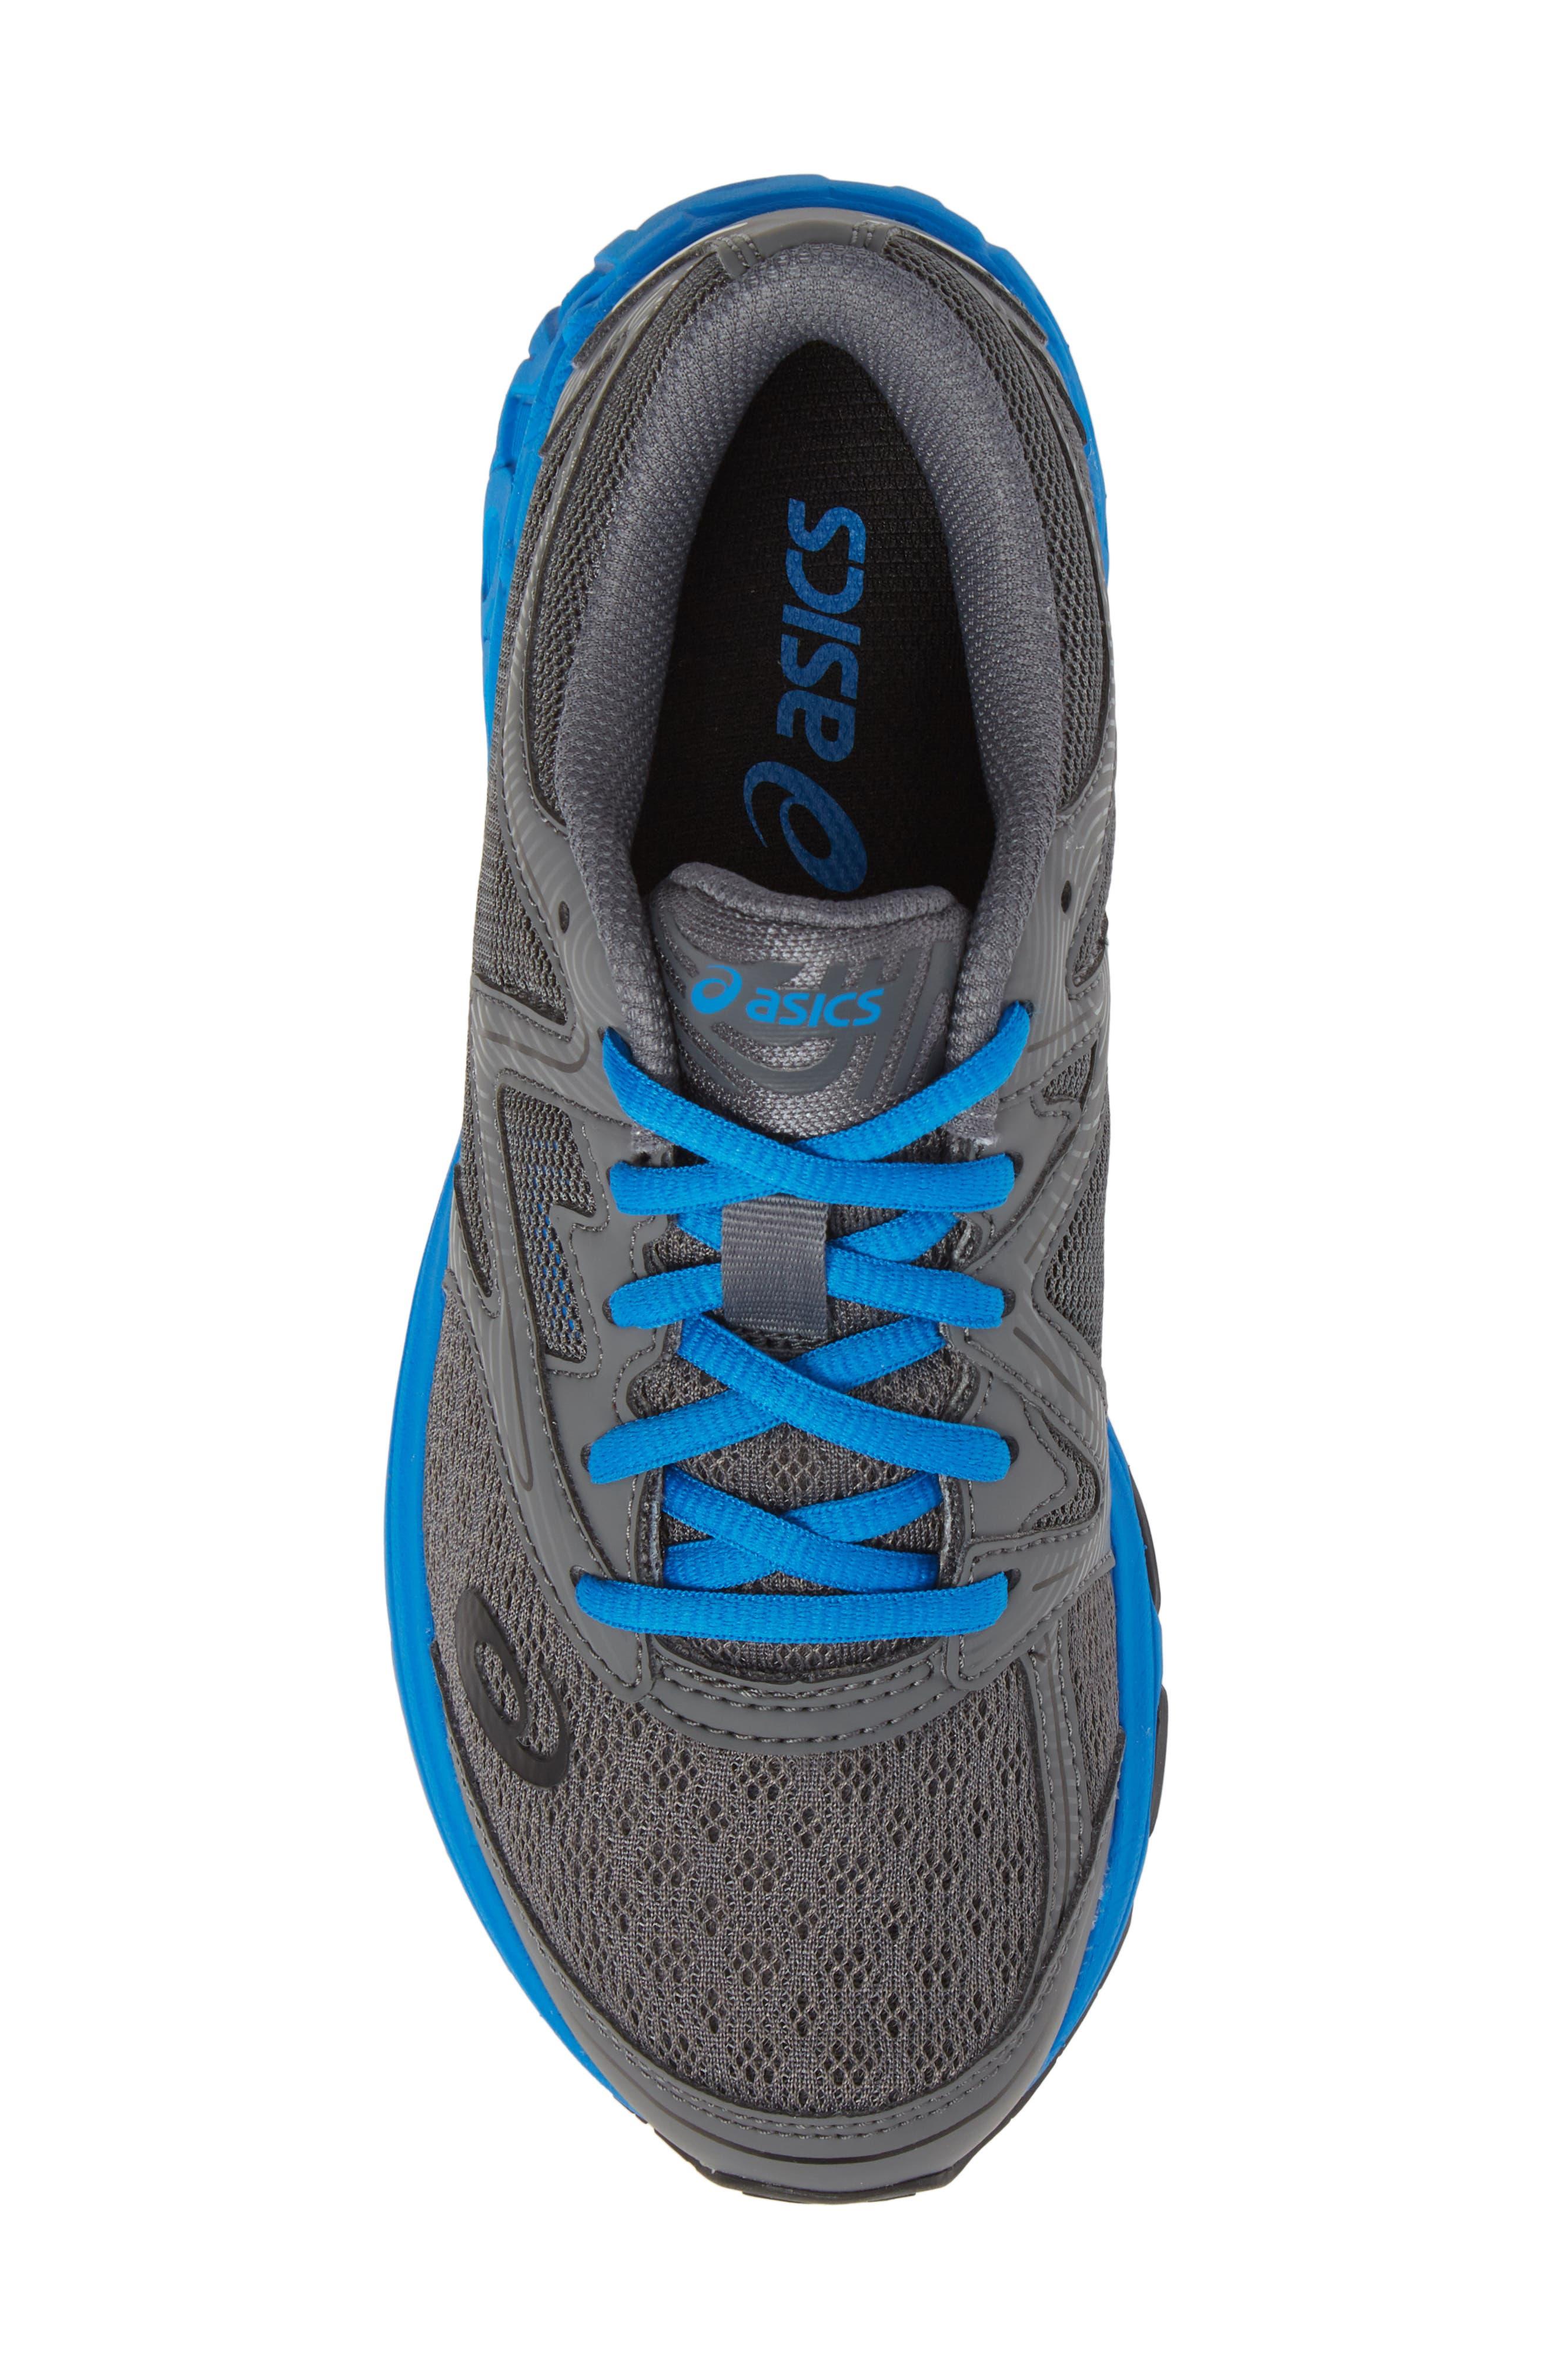 Noosa GS Sneaker,                             Alternate thumbnail 5, color,                             CARBON/ DIRECTOIRE BLUE/ BLACK